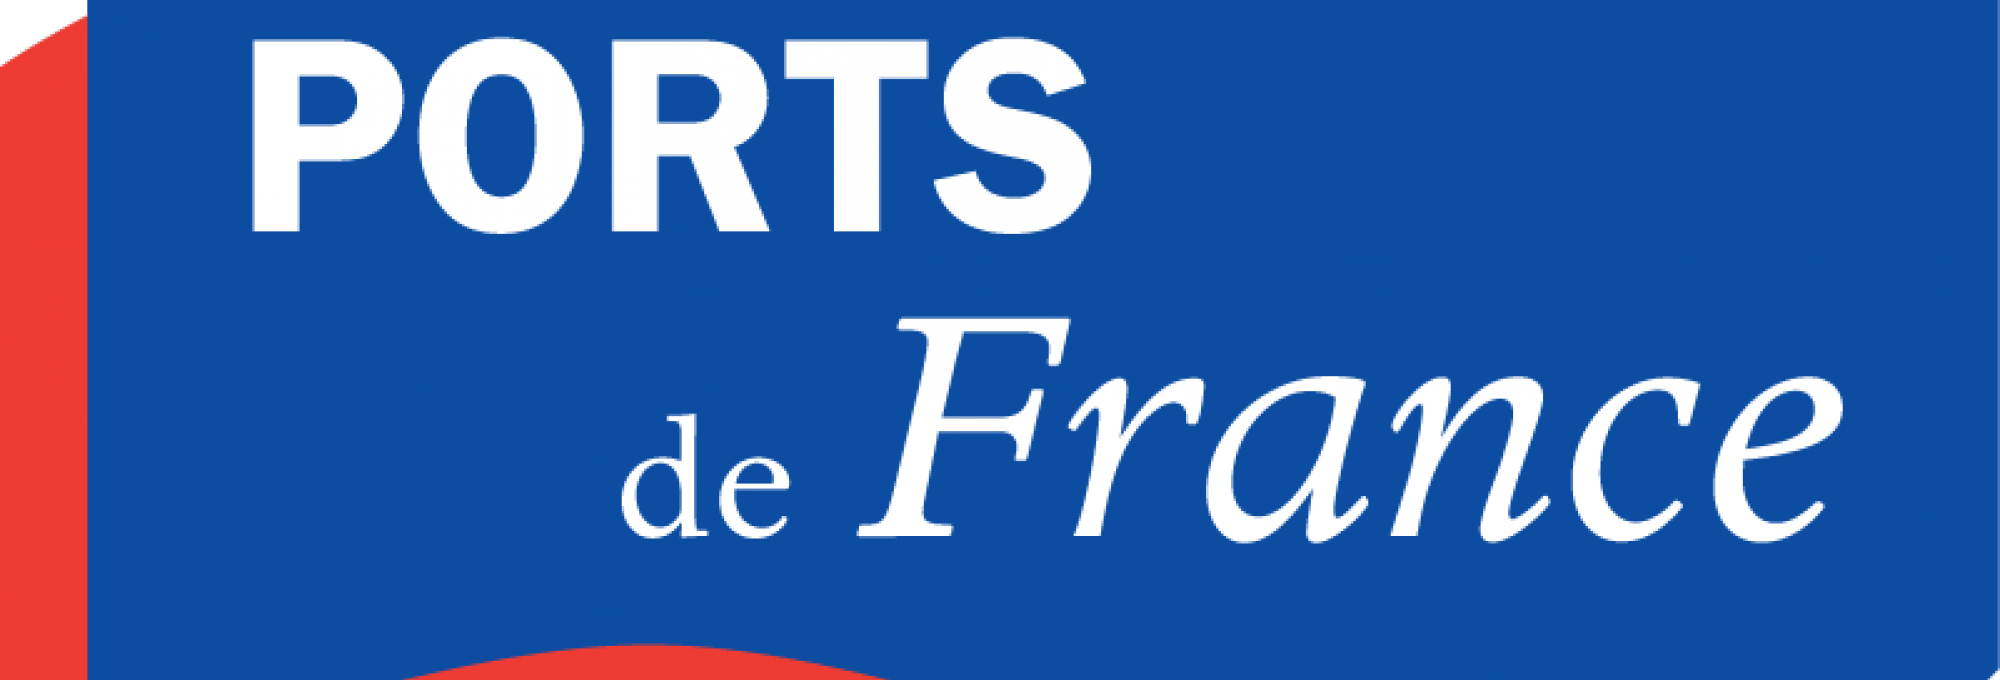 CP- CCS UNIQUE DANS TOUS LES PORTS FRANCAIS